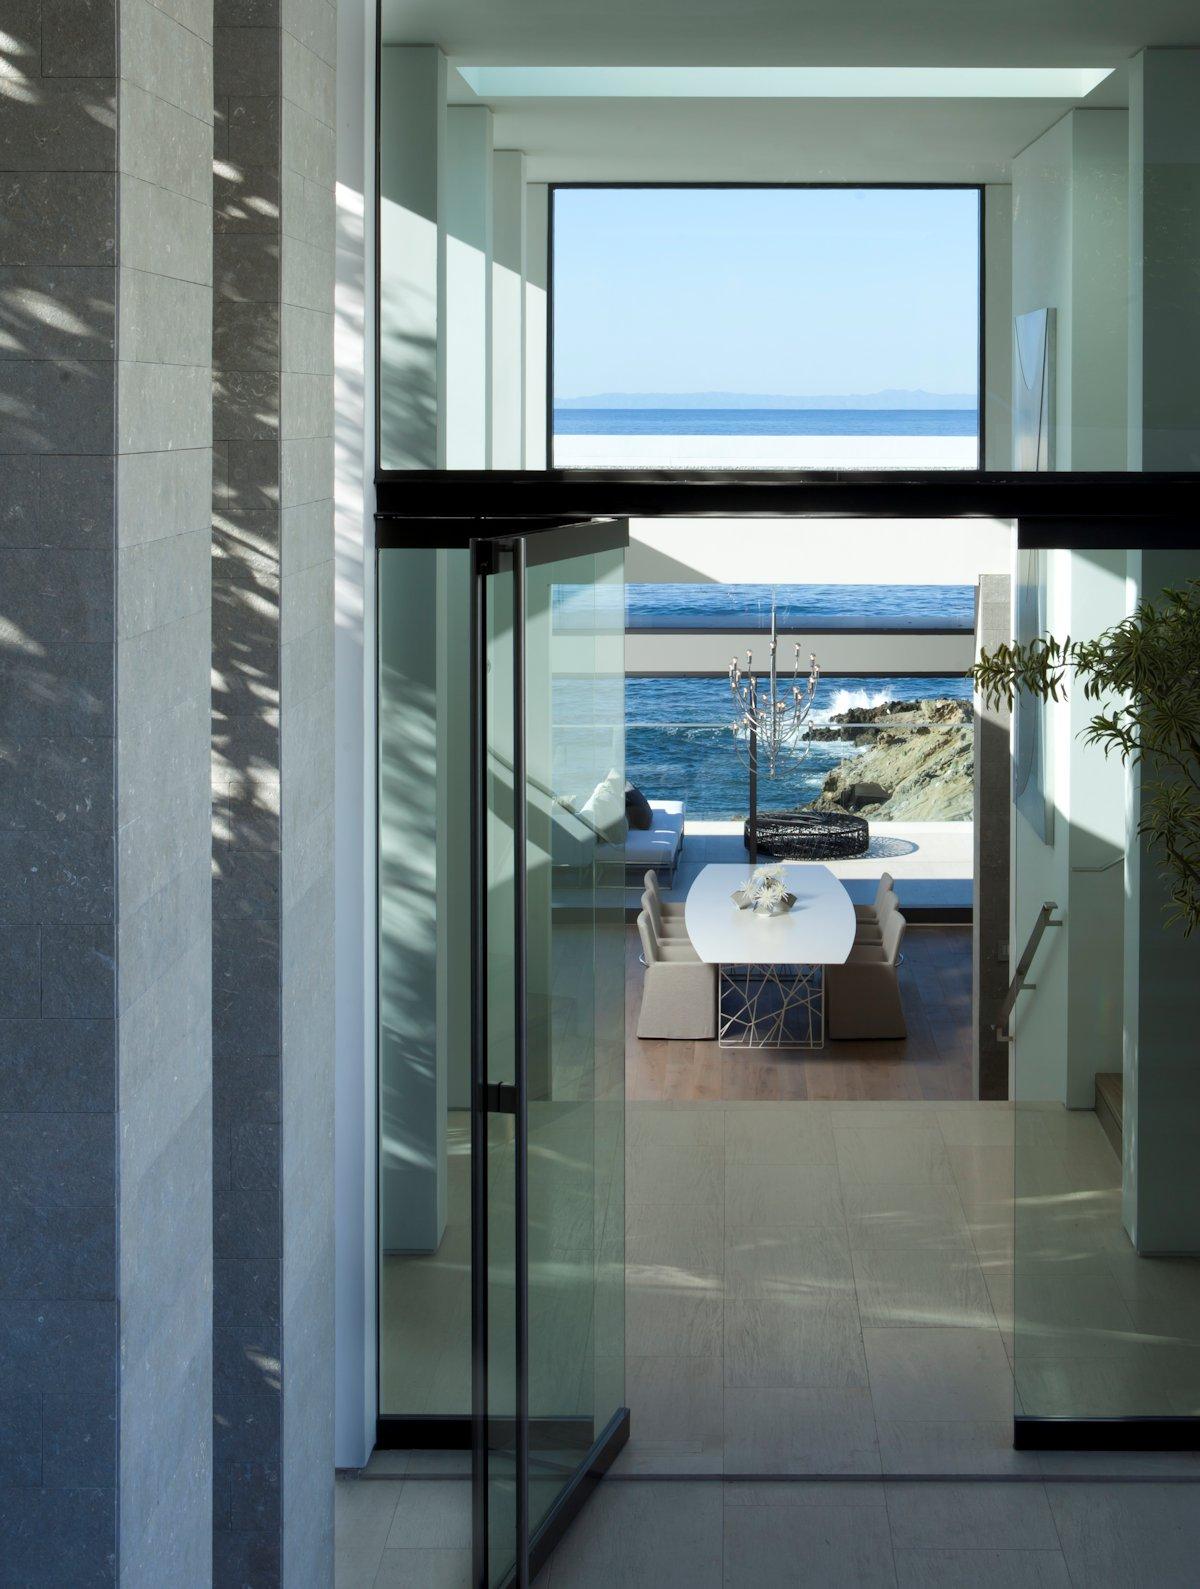 Glass Door, Dining Space, Ocean Views, Beach House in Laguna Beach, California